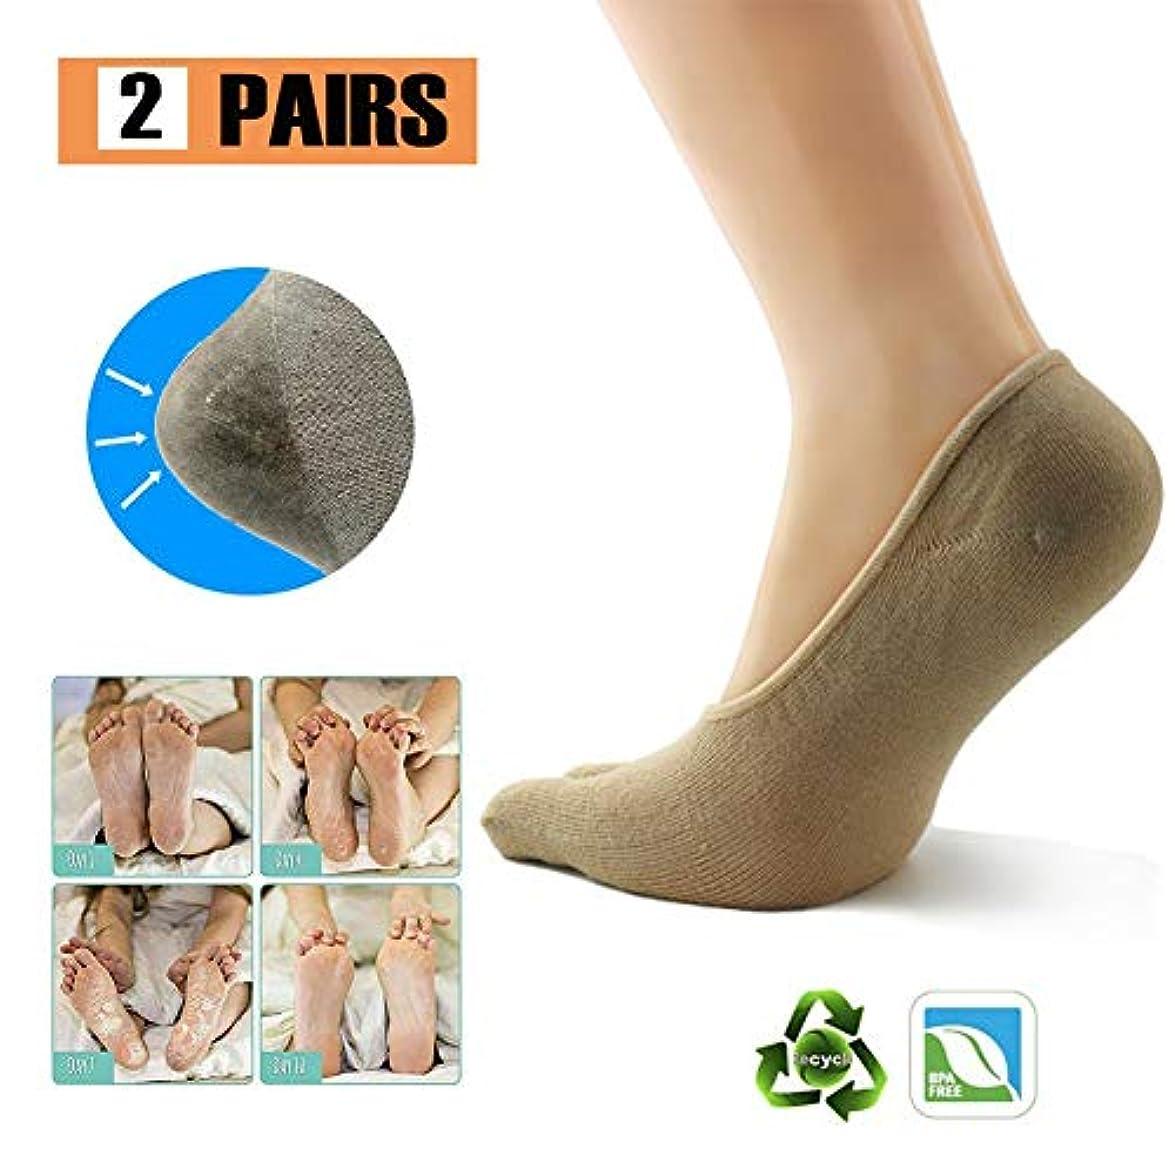 なる別れる手のひらヒールゲル保湿ソックスSPAゲル割れ防止ソックス割れ防止ボートソックス5本指の見えない靴下,2PCS